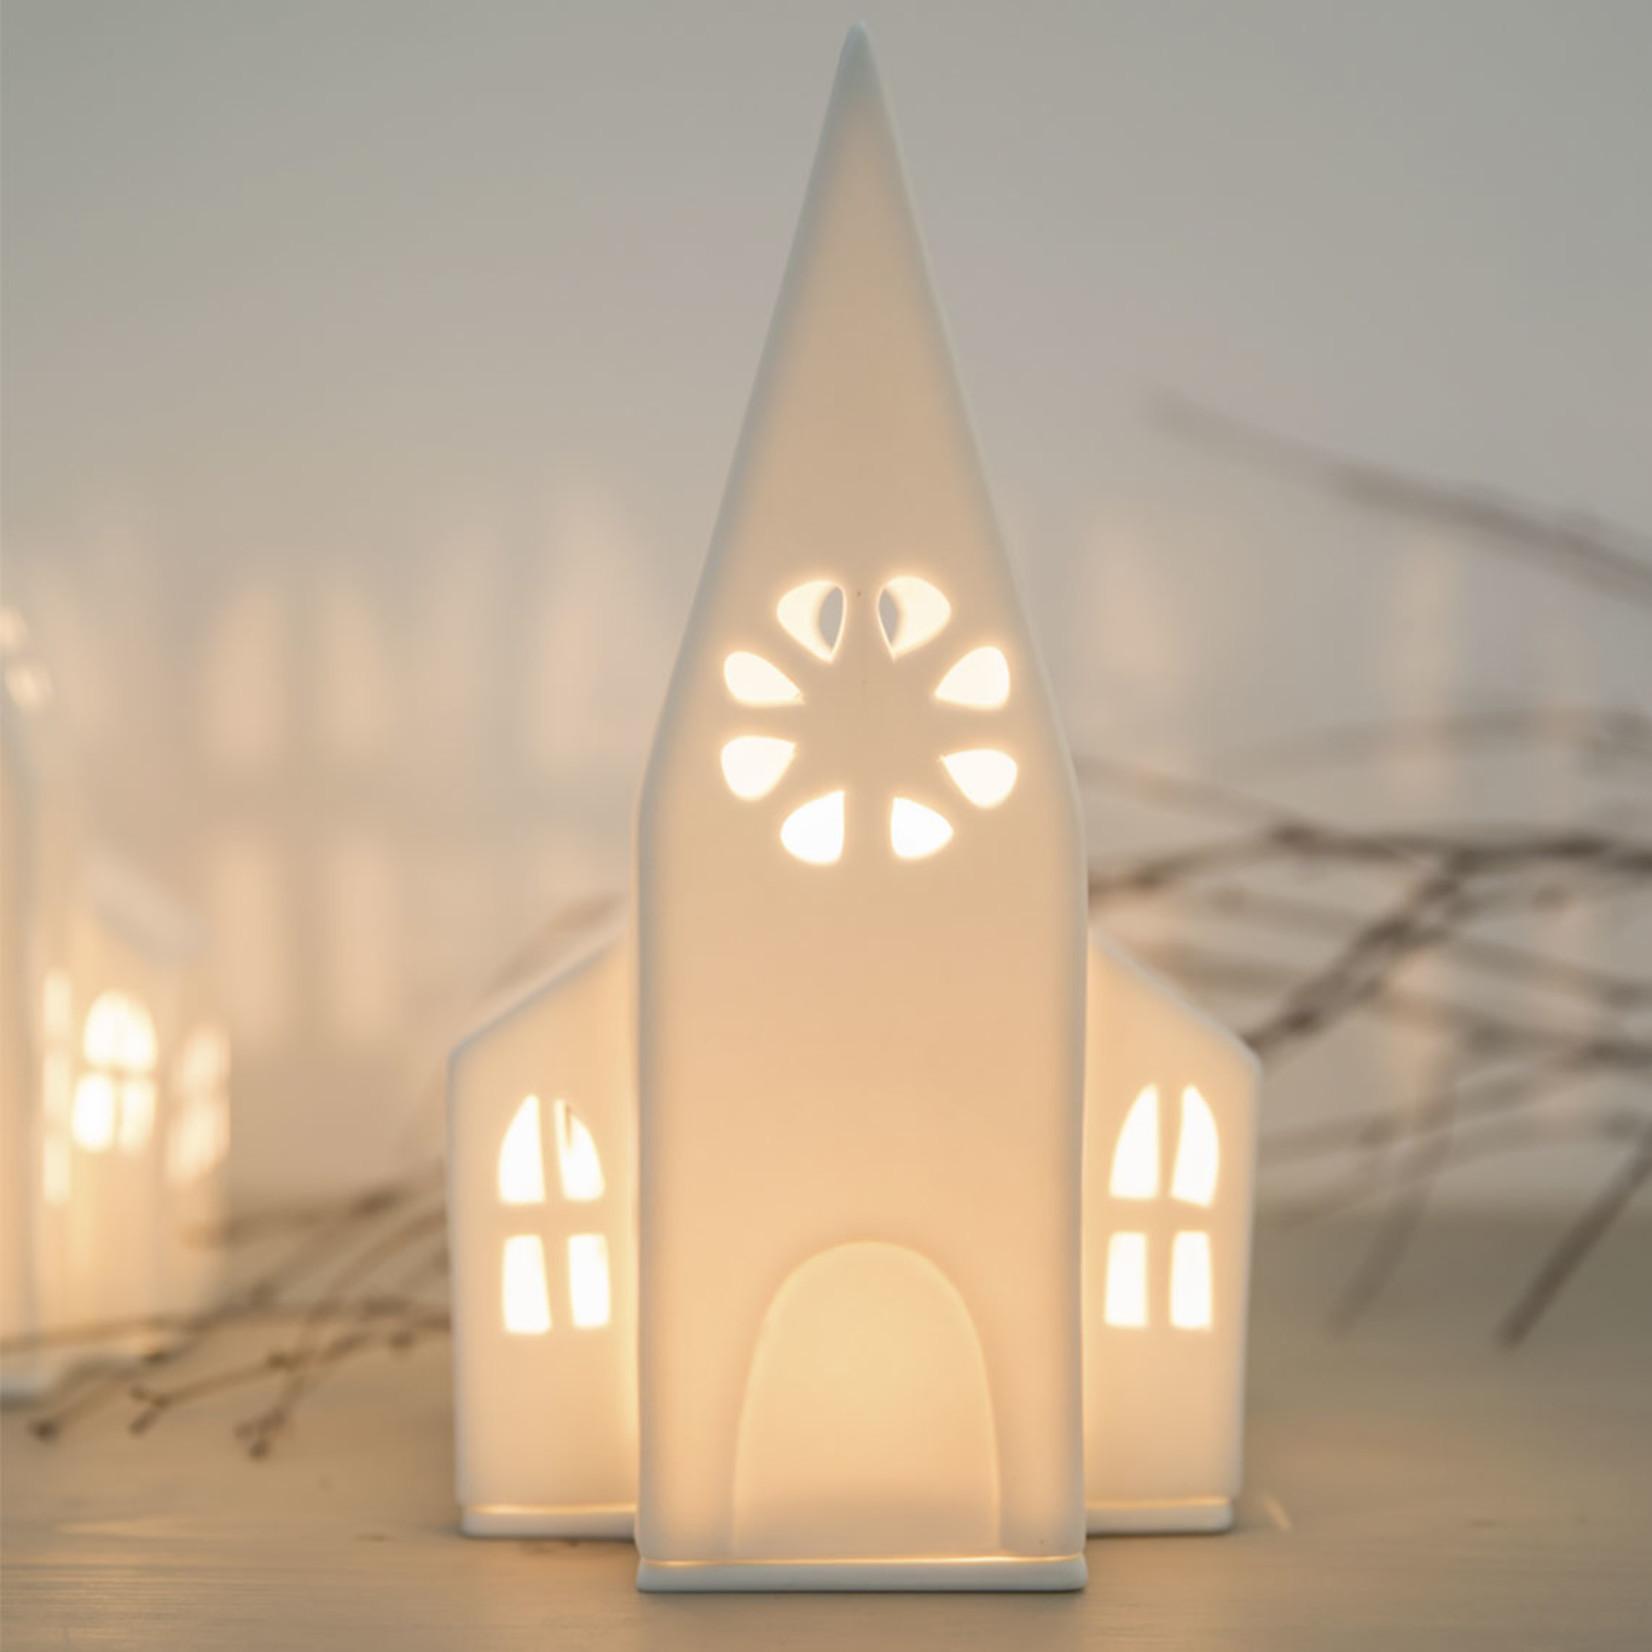 Räder Design Lichthaus Kirche große